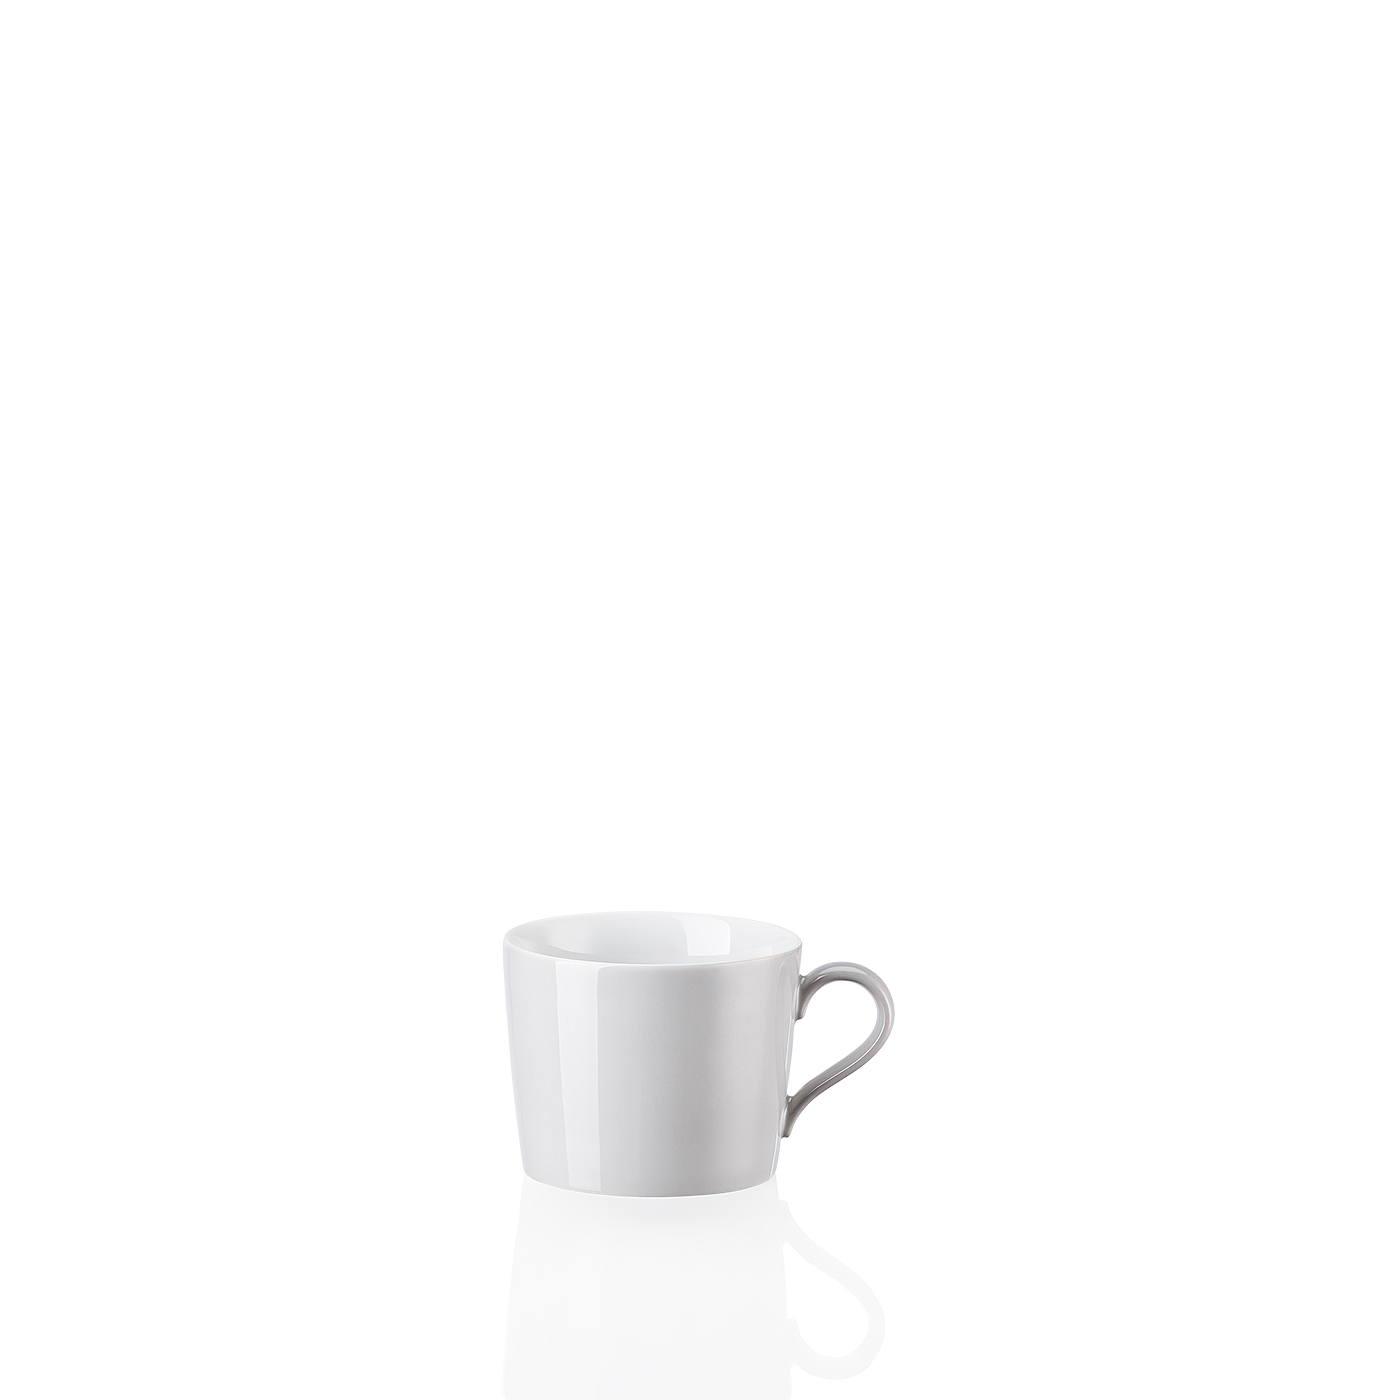 Kaffee-Obertasse Tric Cool Arzberg